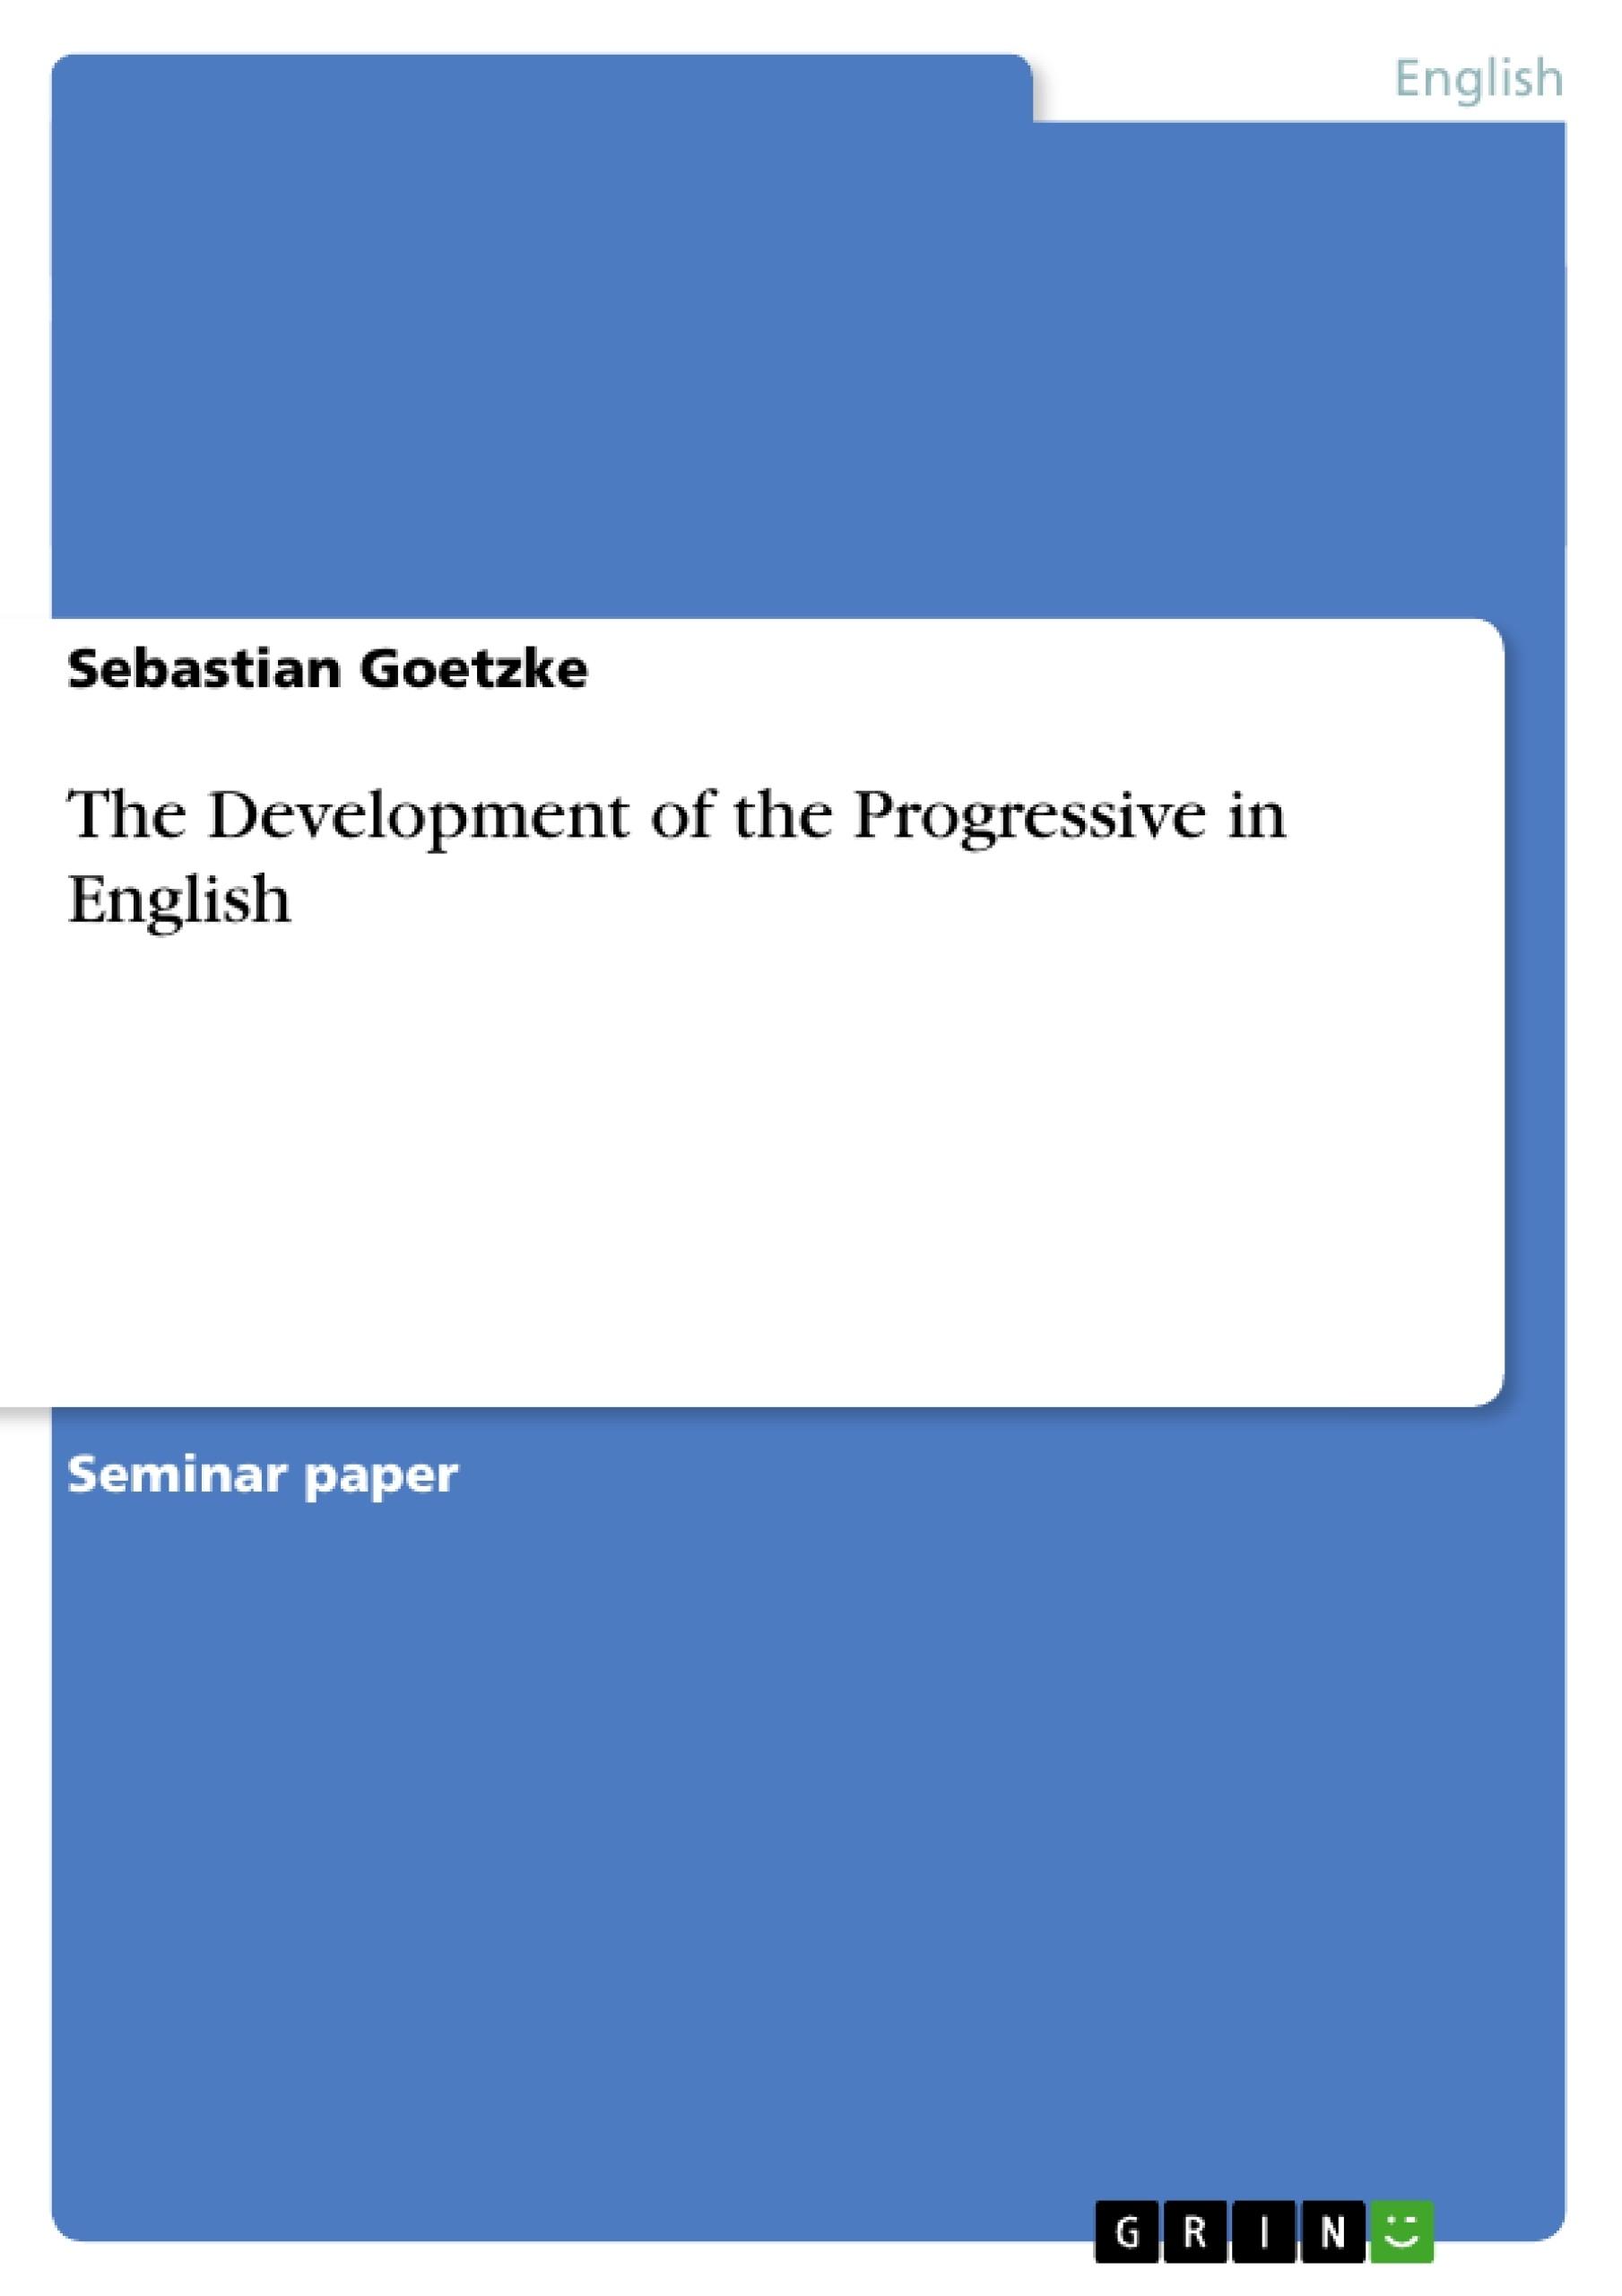 Title: The Development of the Progressive in English